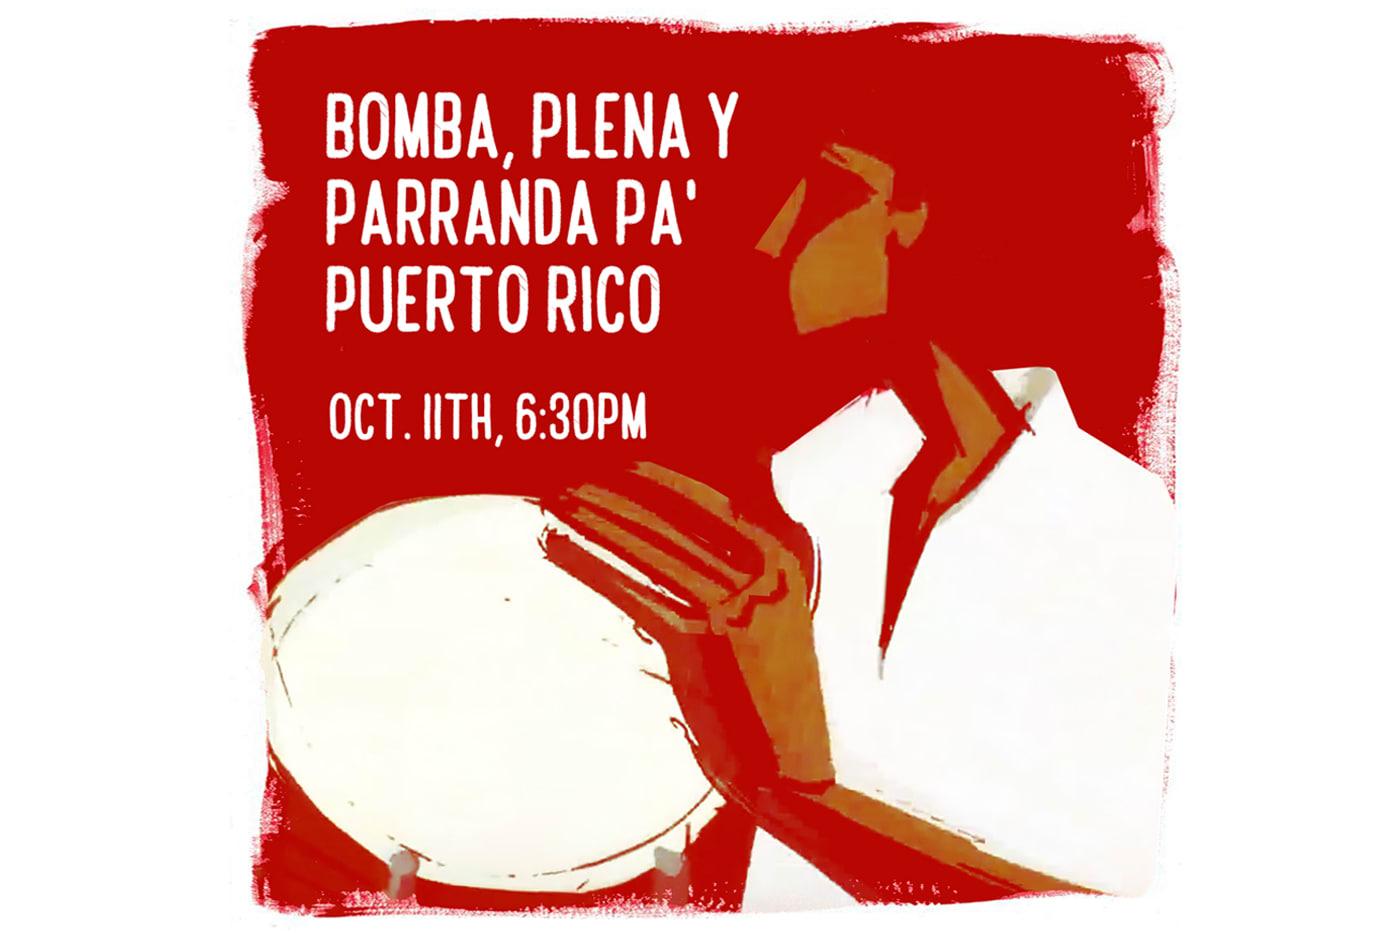 Bomba, Plena y Paranda Pa' Puerto Rico